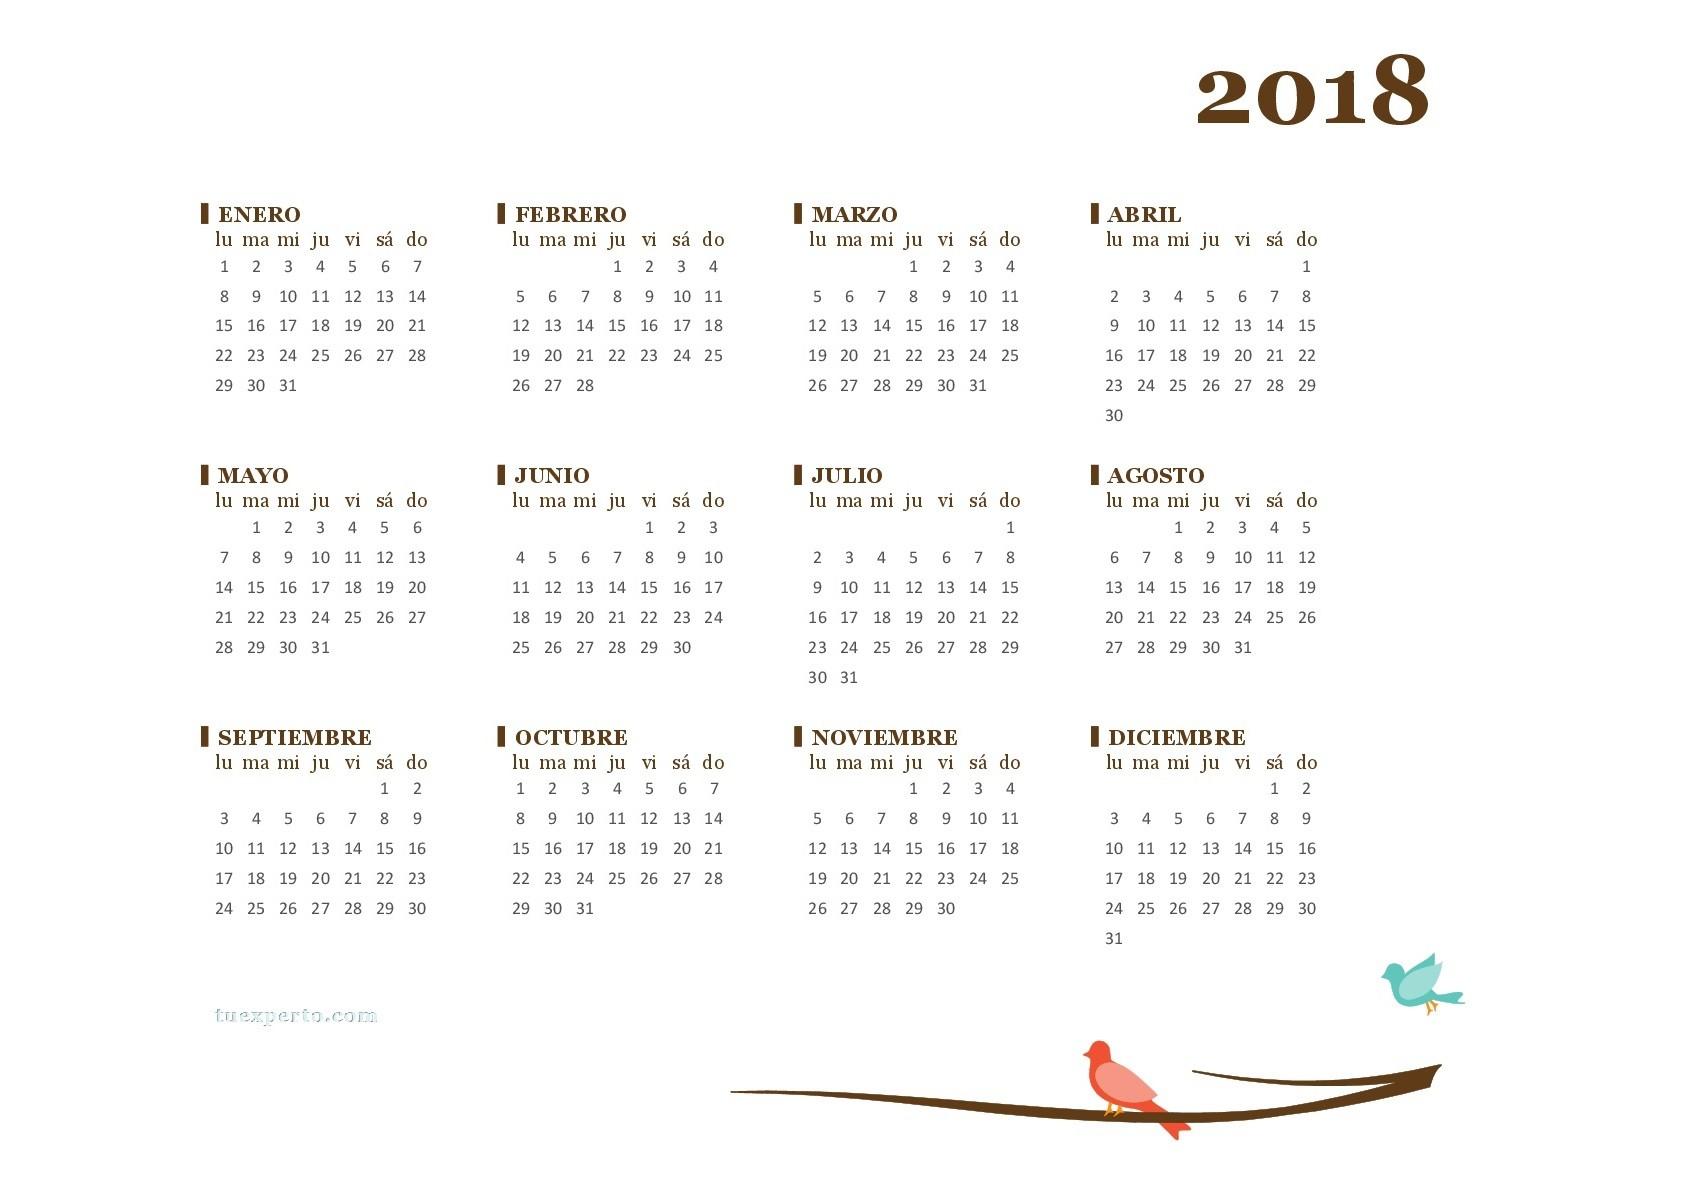 Calendario Mayo 2017 Para Imprimir Word Más Recientemente Liberado Calendario 2018 Más De 150 Plantillas Para Imprimir Y Descargar Of Calendario Mayo 2017 Para Imprimir Word Recientes Pin by Tara On Stationary Pinterest